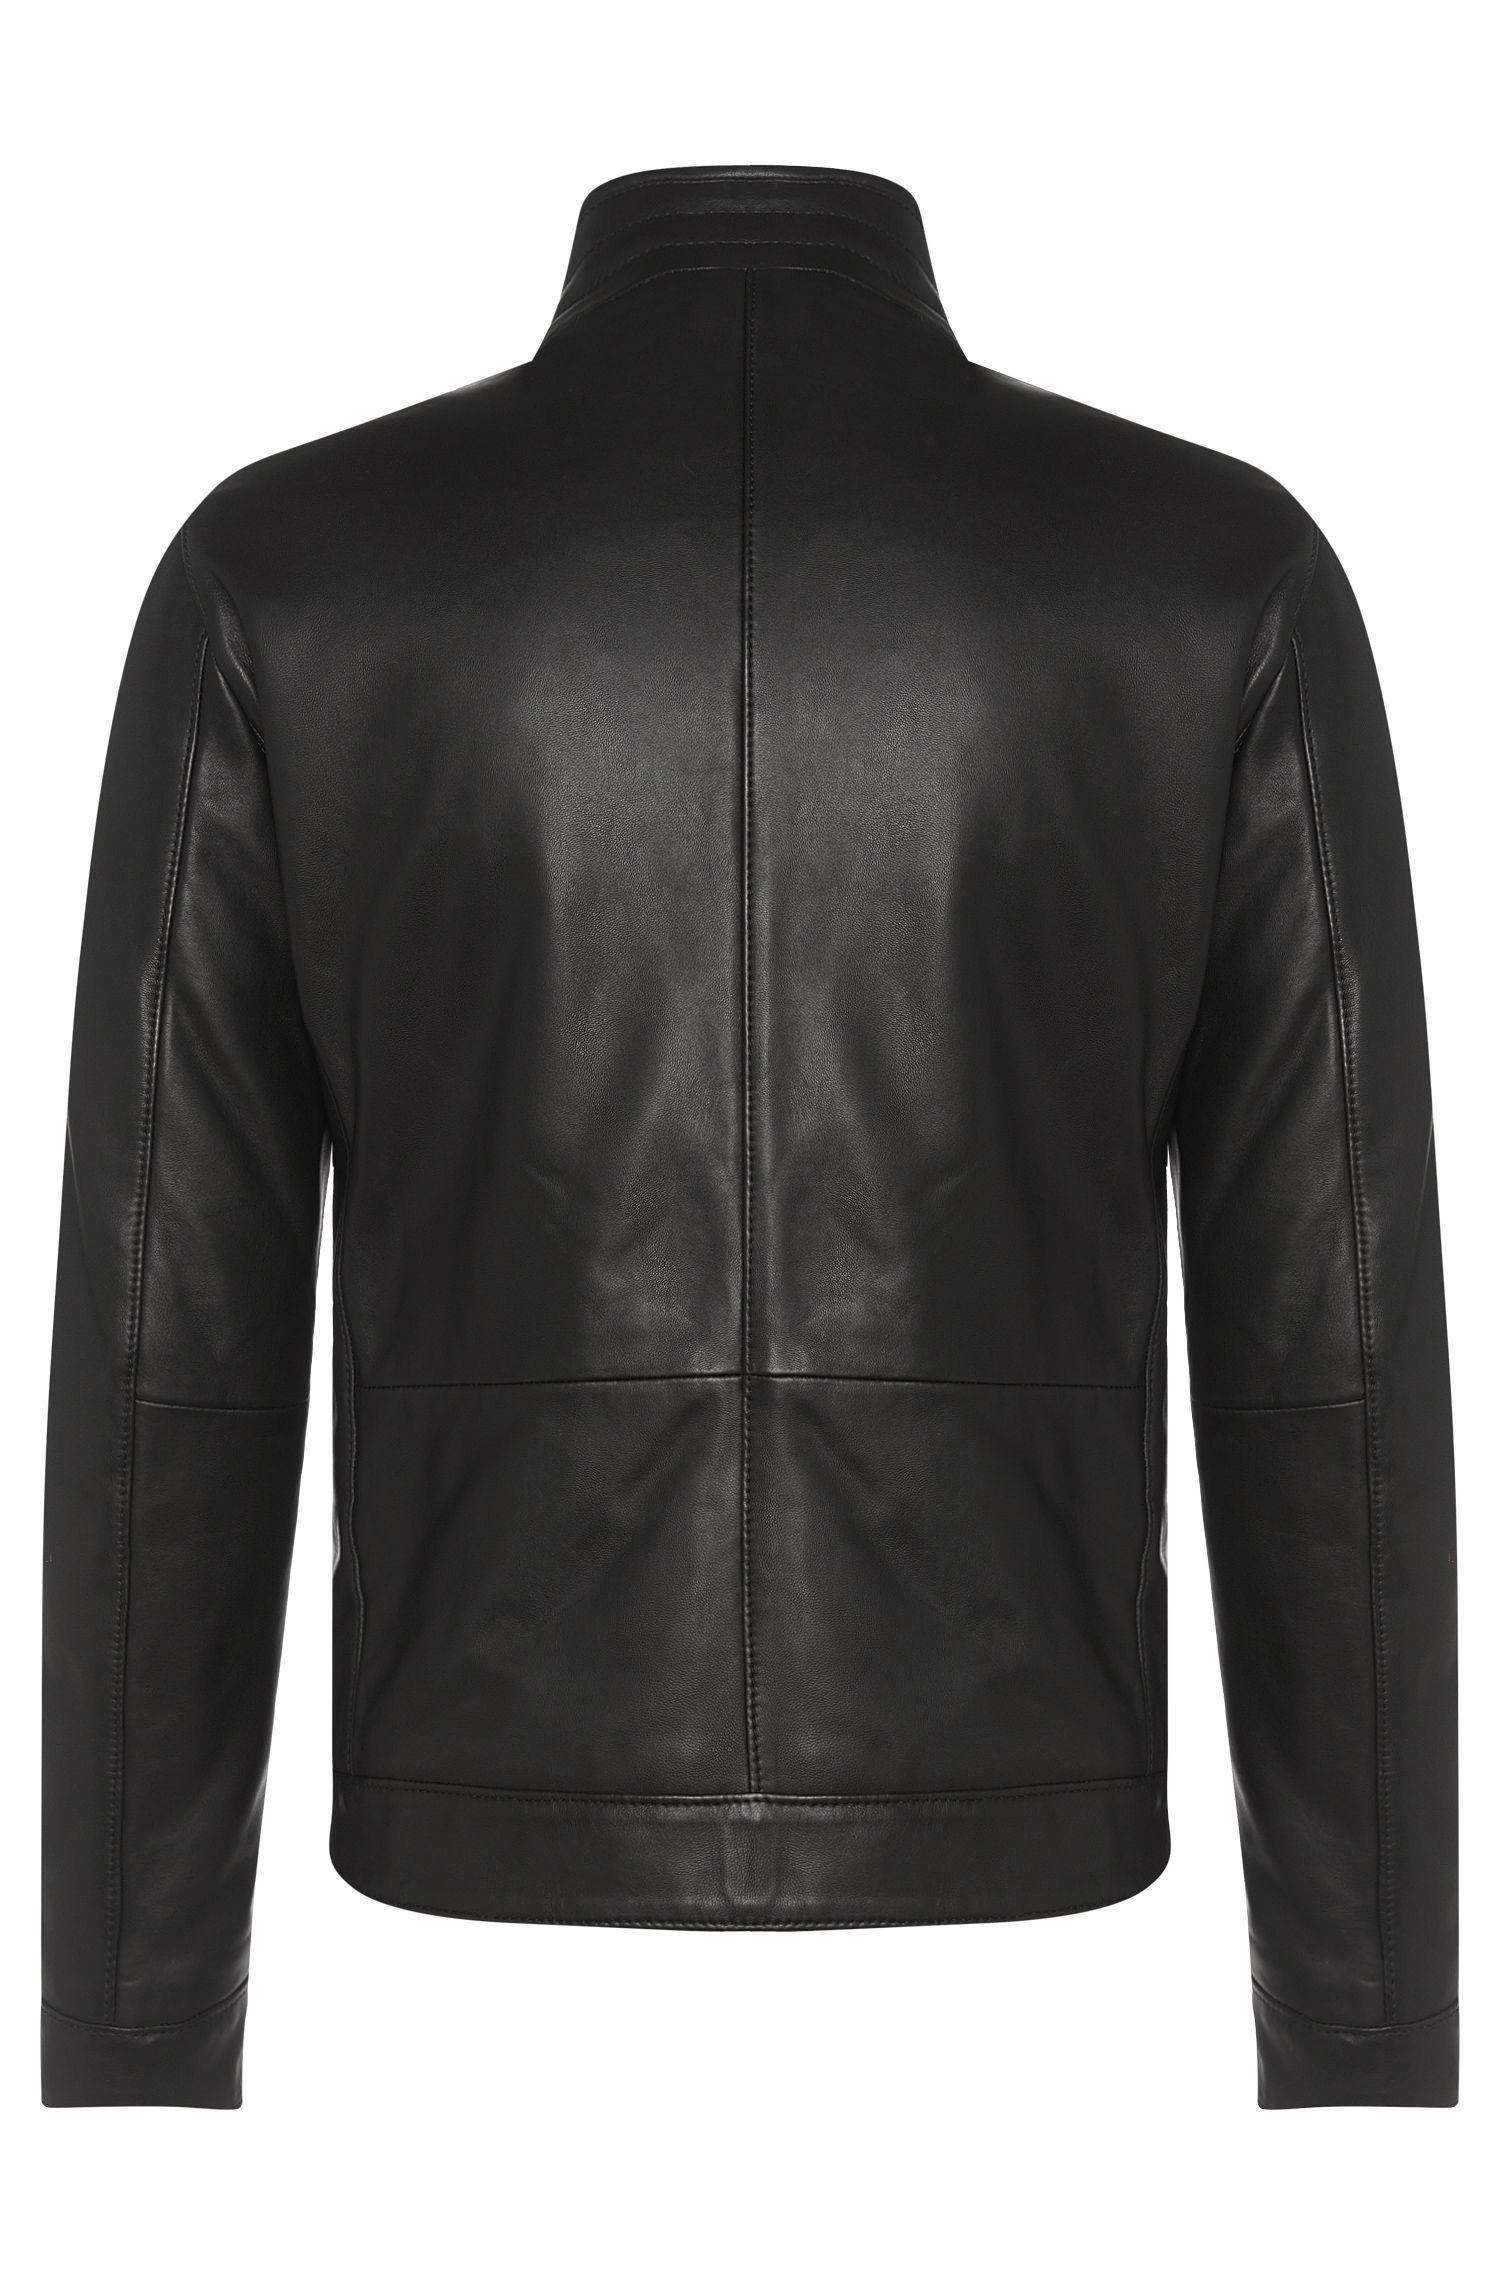 Leren jas met geperforeerde voorkant uit de Tailored-collectie: 'T-Nersiko'